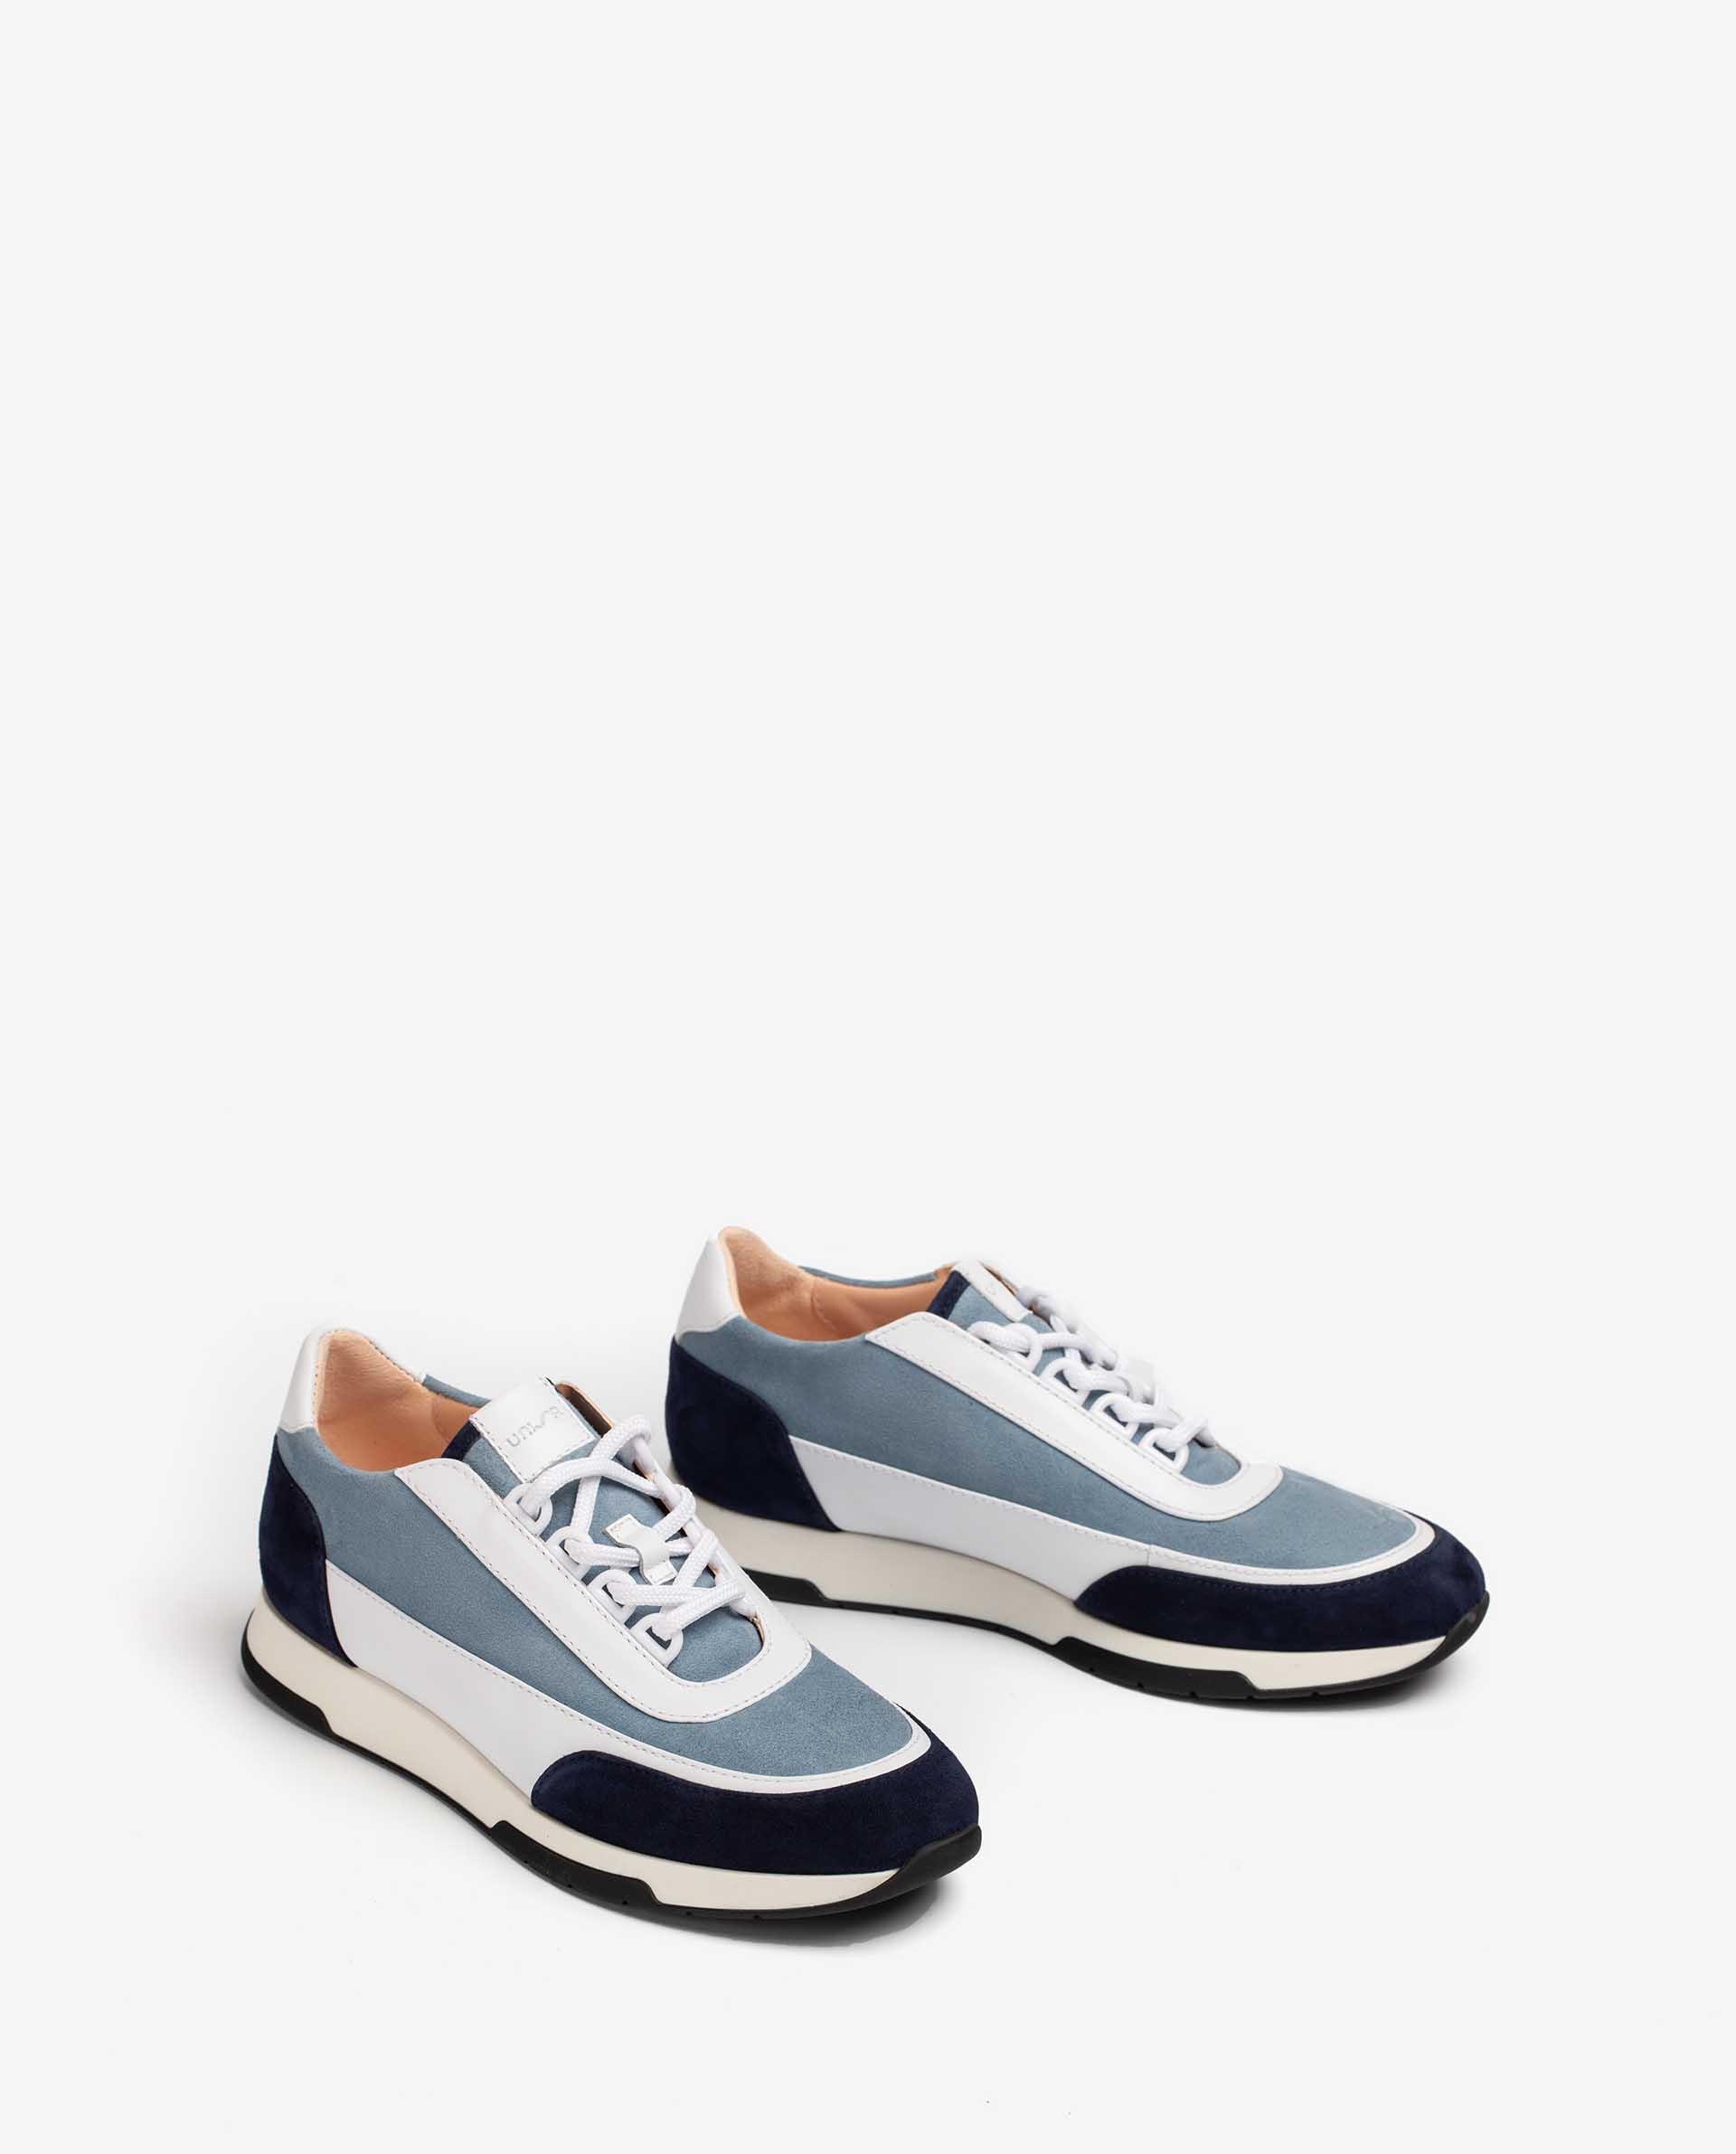 UNISA Multi materials sneakers FATI_21_KS 2